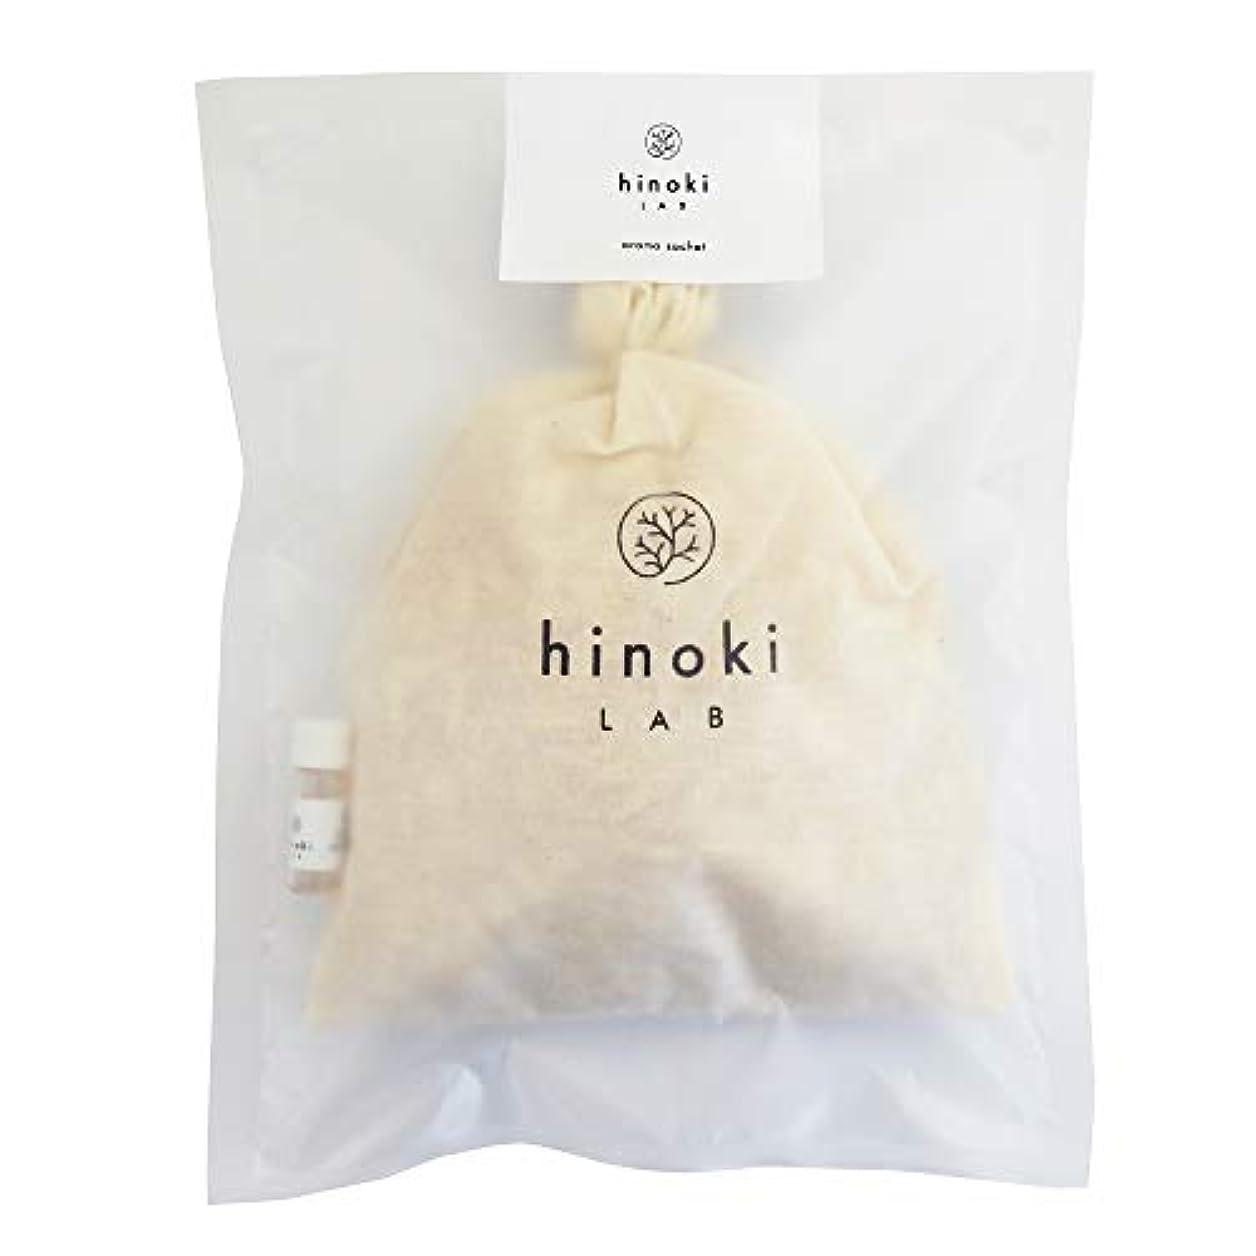 切り下げ巻き戻す生理Hinoki Lab(ヒノキラボ) アロマサシェ&精油 ひのき葉(L)